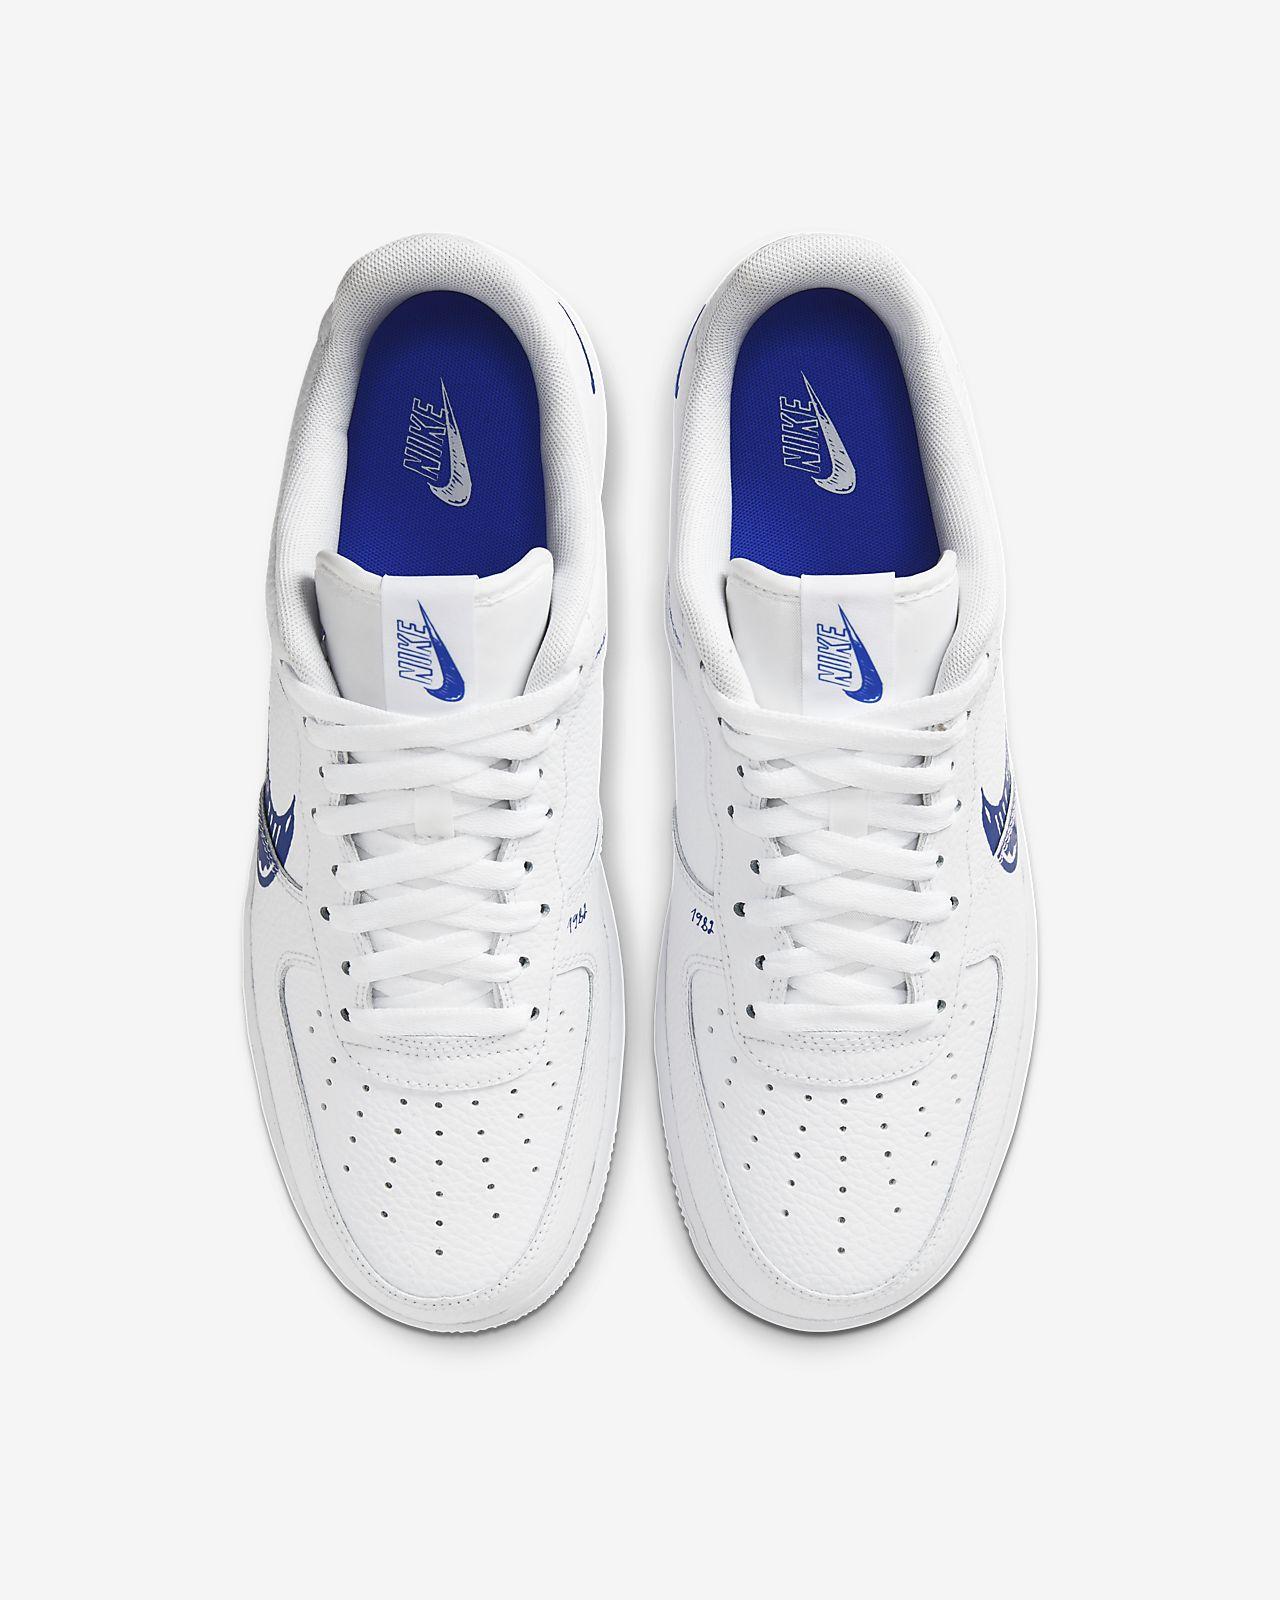 Sapatilhas Nike Air Force 1 LV8 Utility para homem